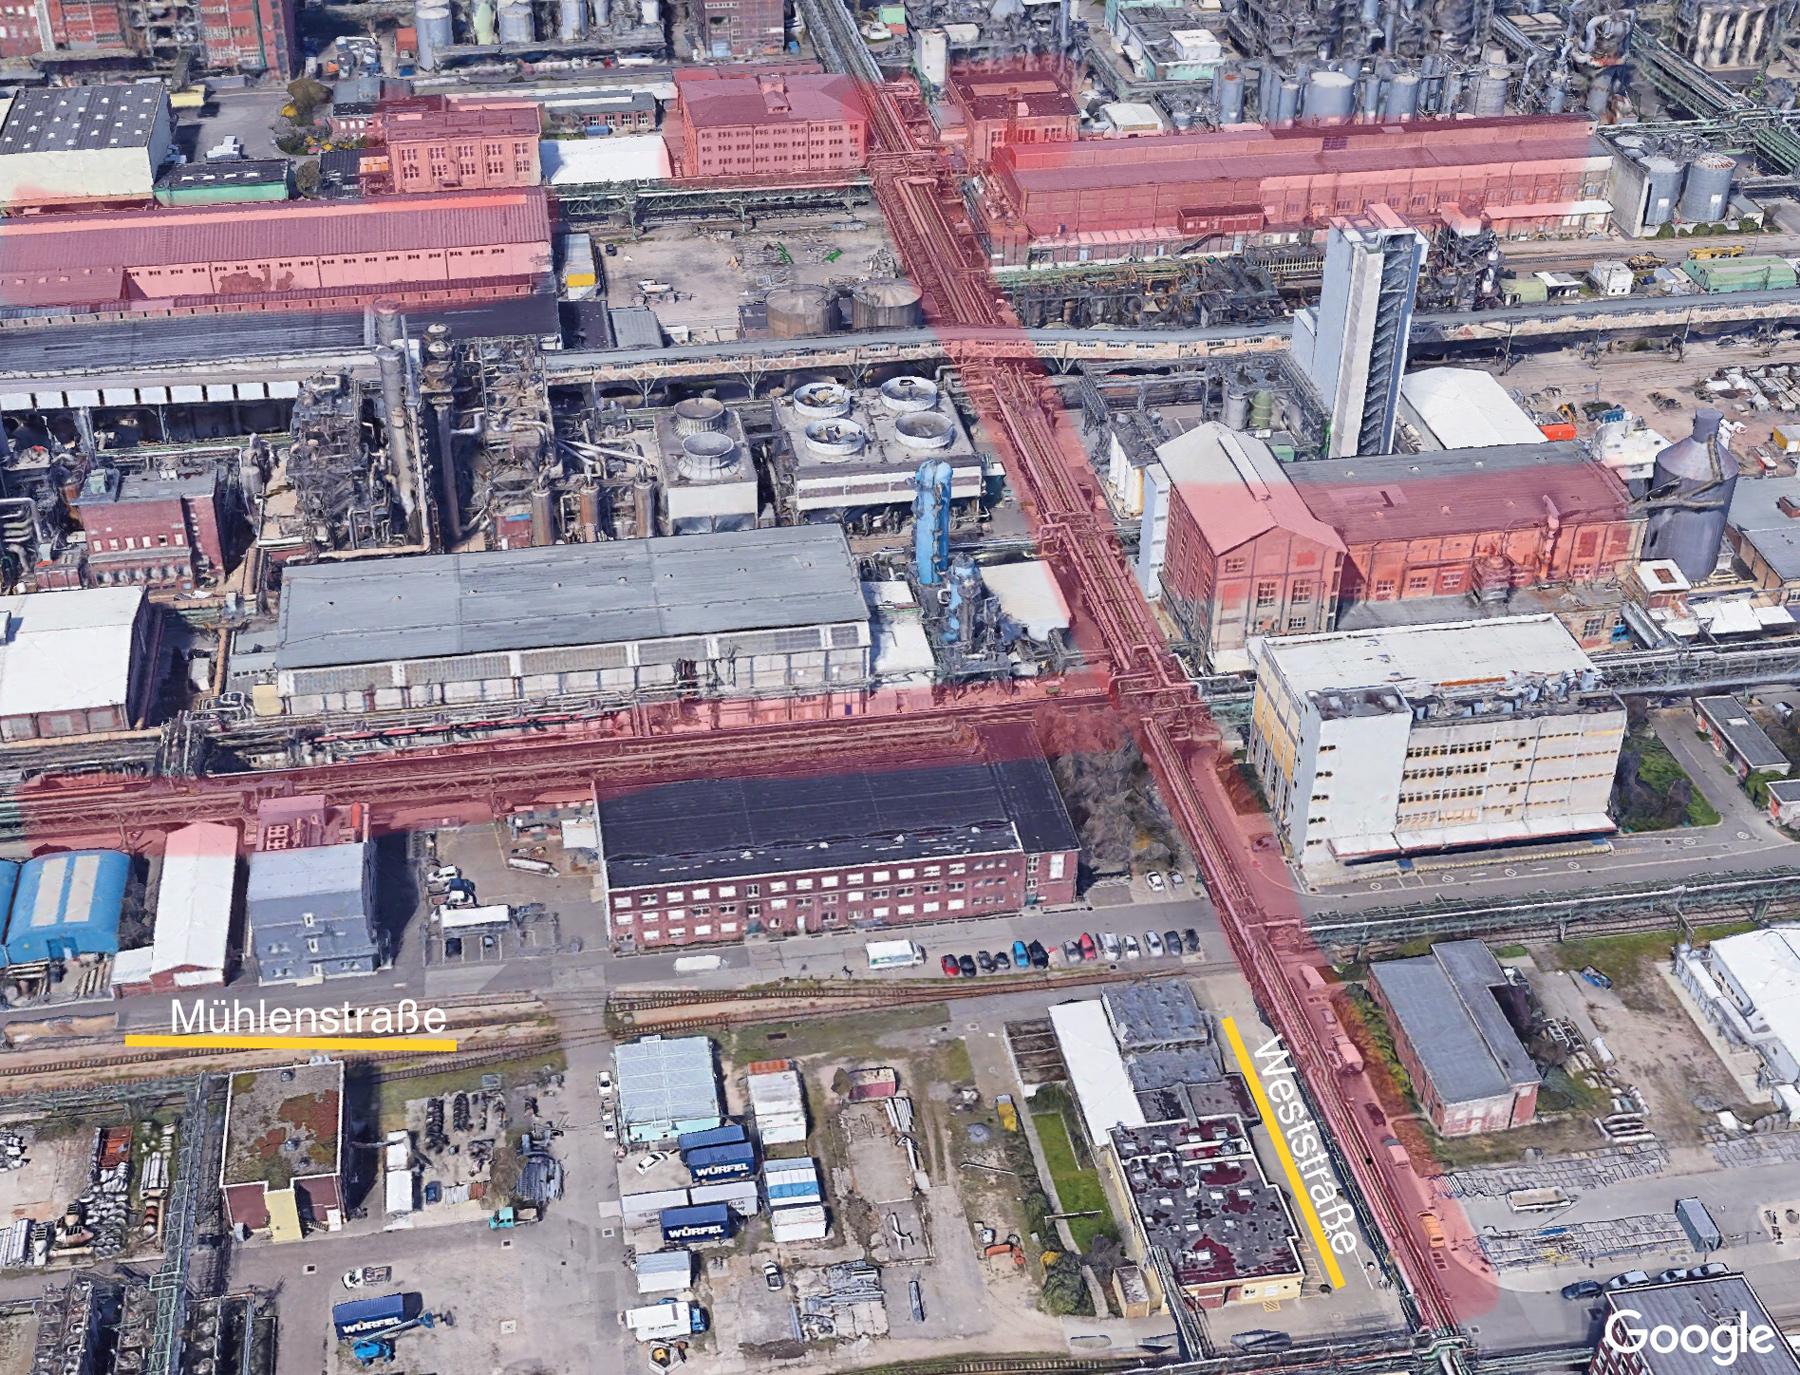 Luftbild des Werkes der BASF bzw. Interessengemeinschaft Farbenindustrie AG (I.G. Farben bzw IG Farben) in Ludwigshafen-Oppau